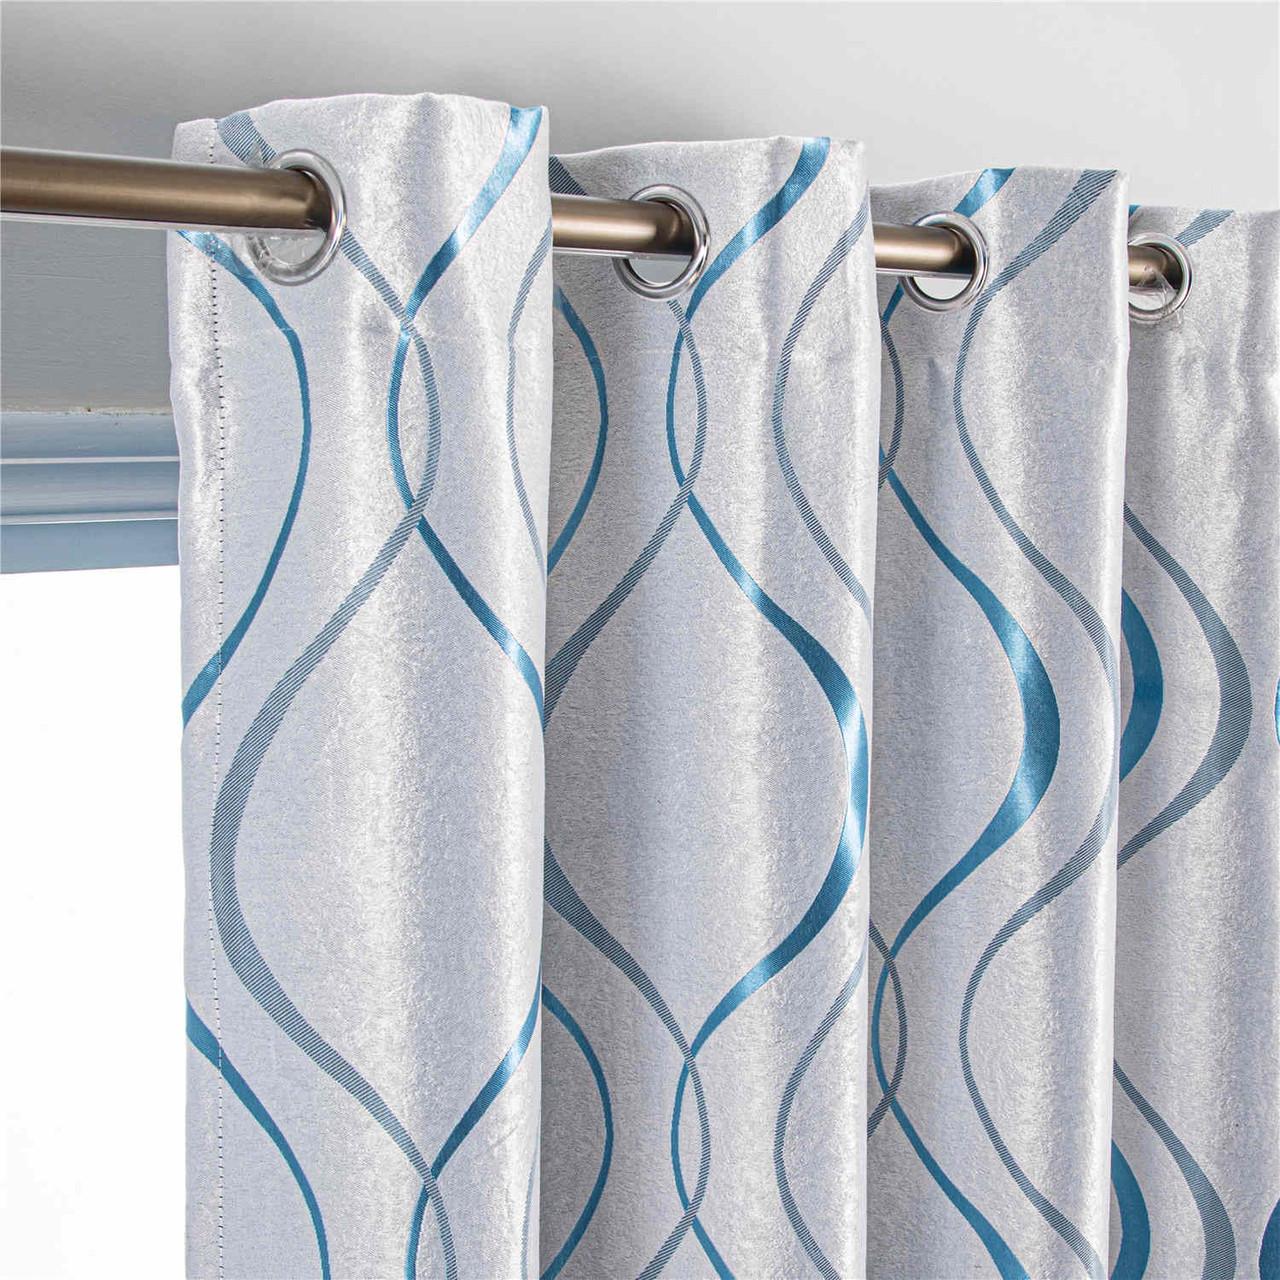 8171460155806  Curtain Panel Semi-Blackout Drapes, DMC498